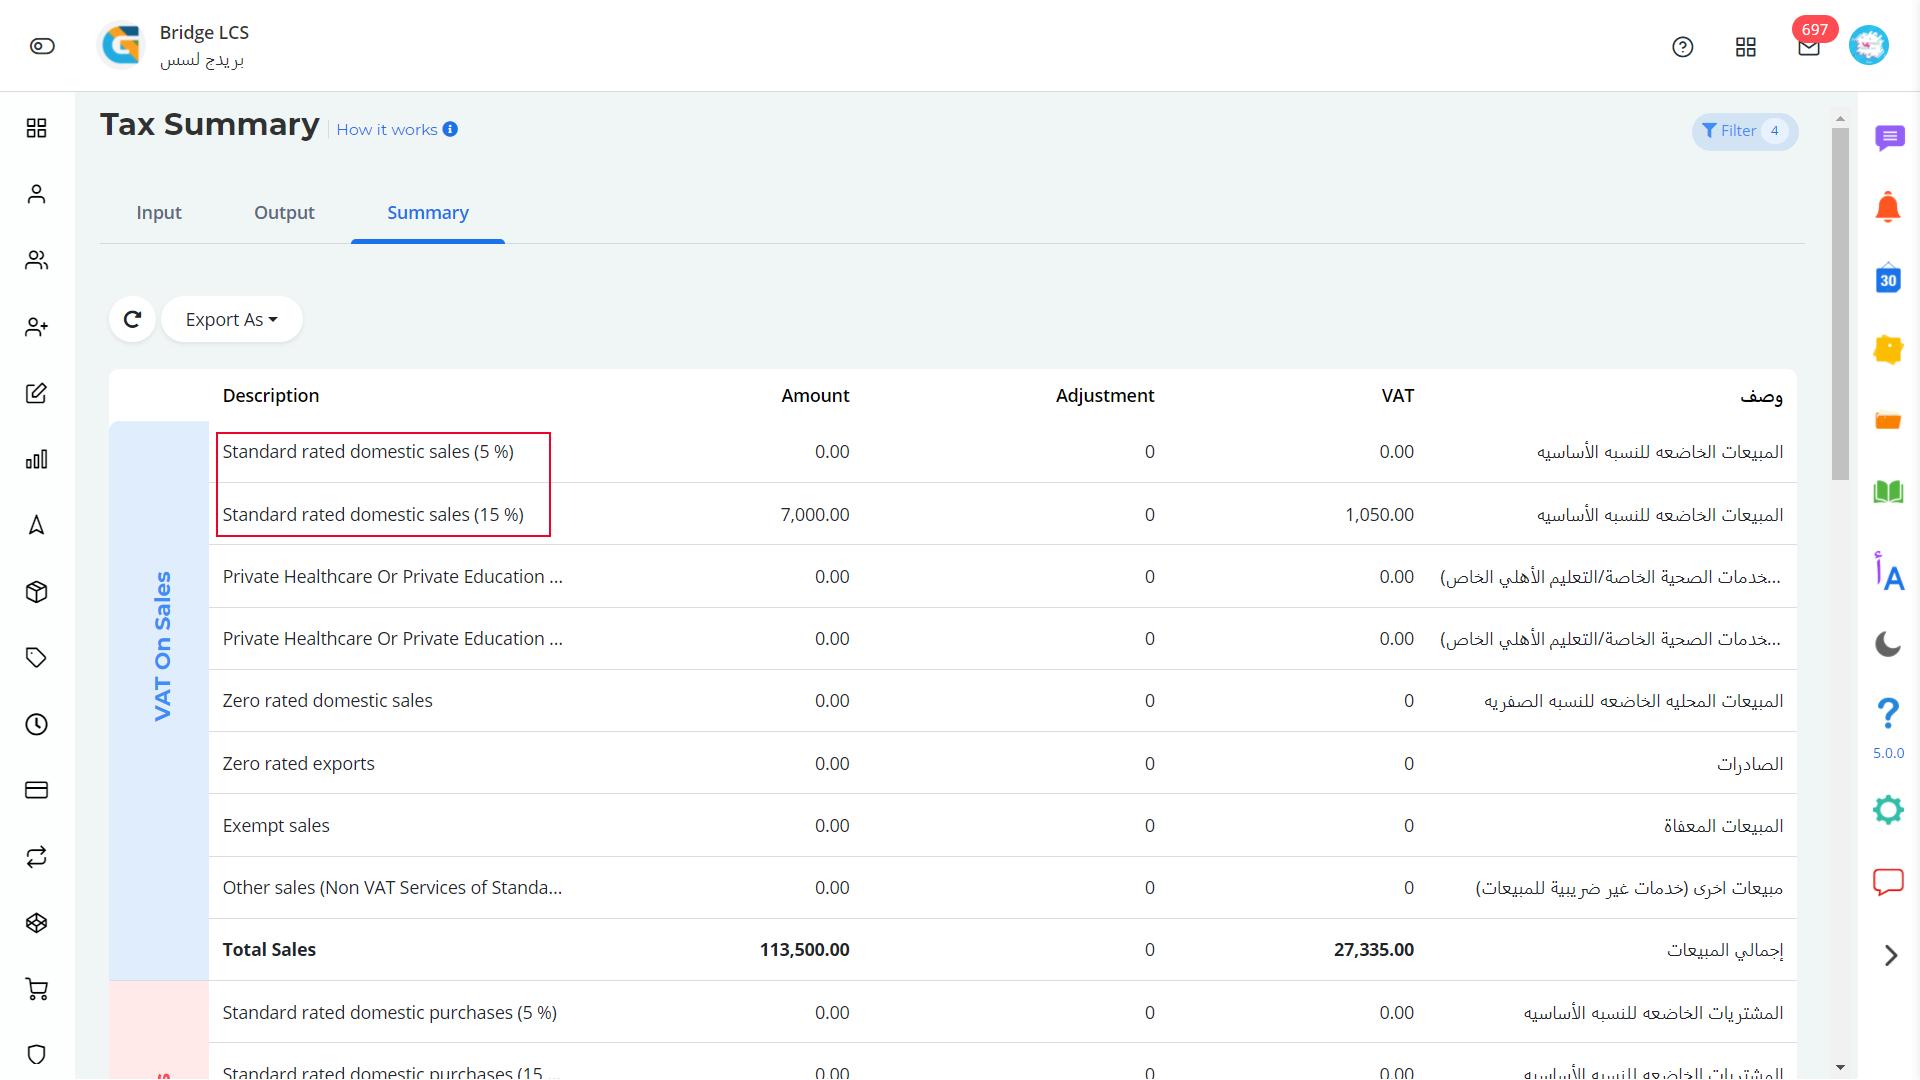 Saudi tax summary logistics software